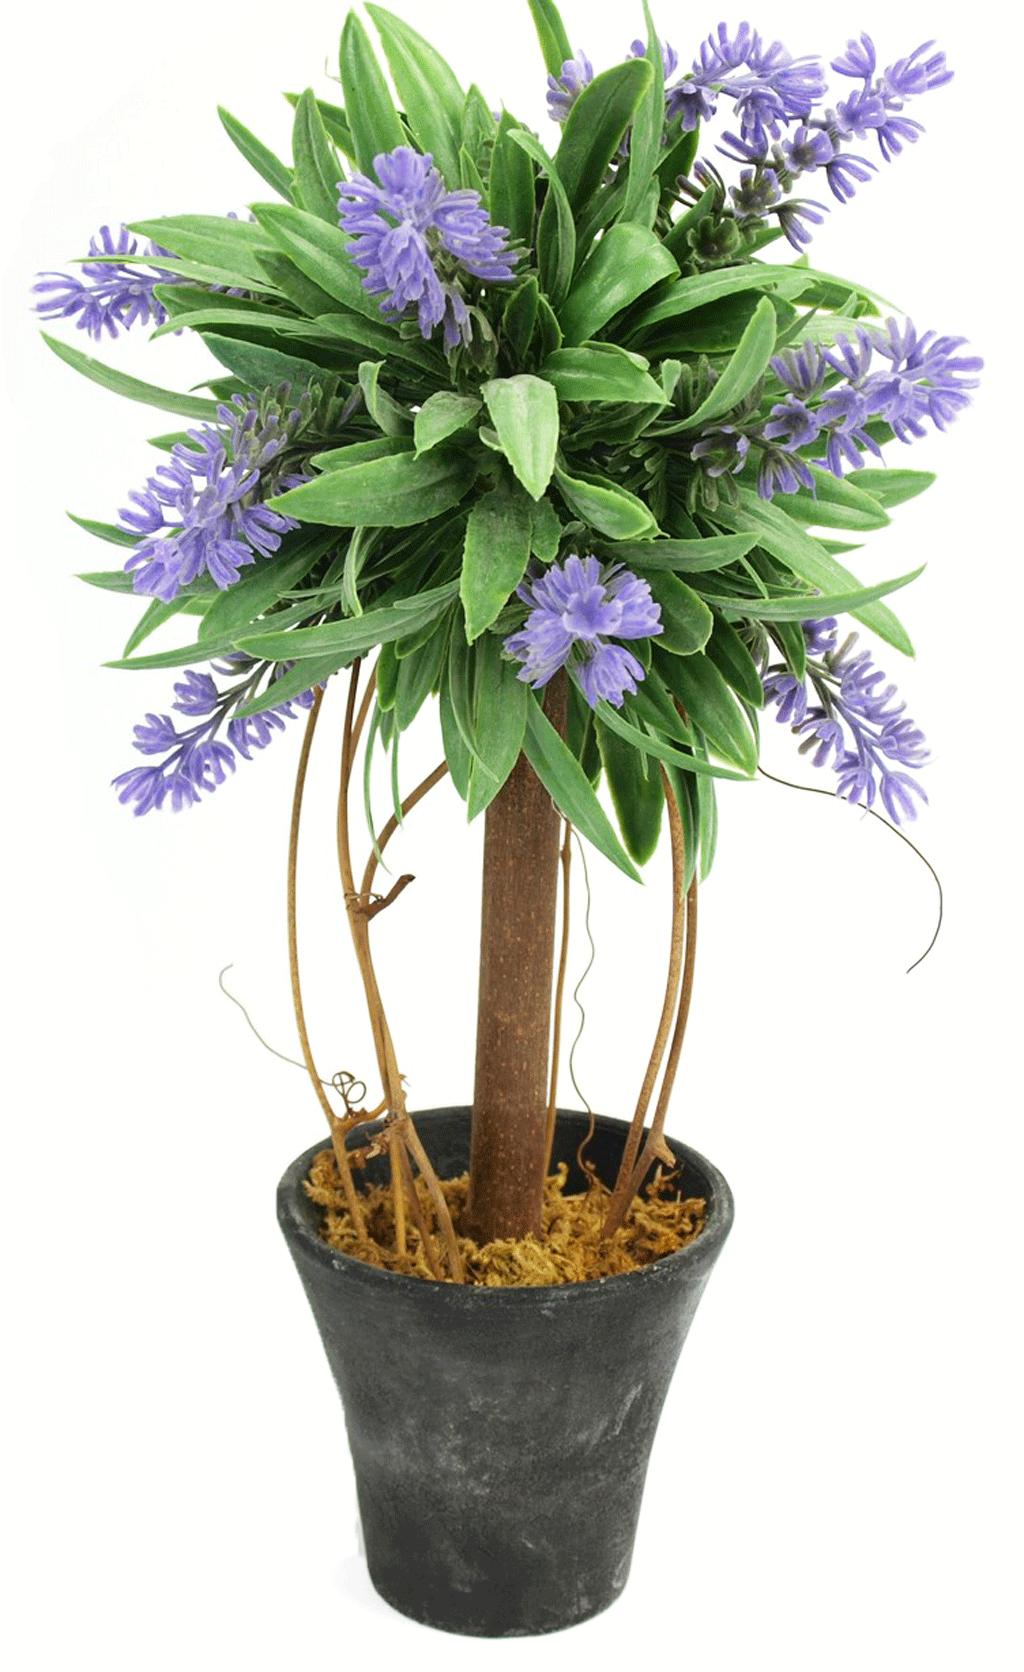 Lawenda Piękne Kwiaty Doniczka Parapet Prezent 6950805837